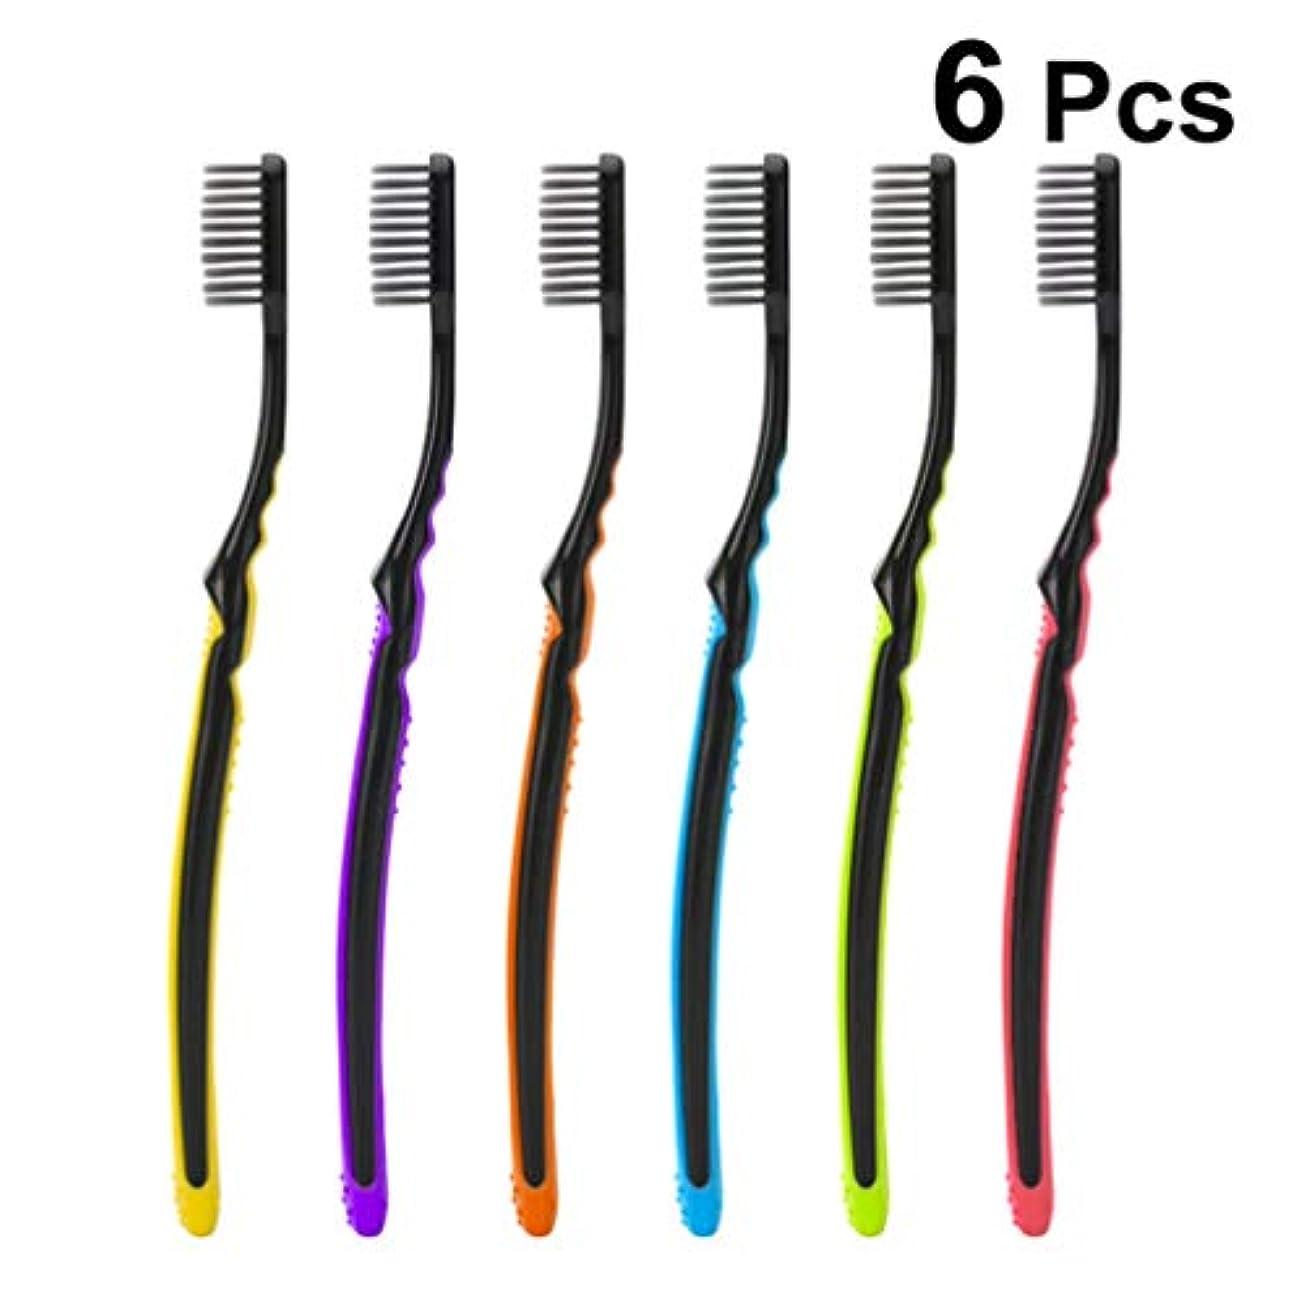 SUPVOX 6ピース手動歯ブラシソフト歯ブラシ大人の竹炭歯ブラシ家庭用旅行ホテル